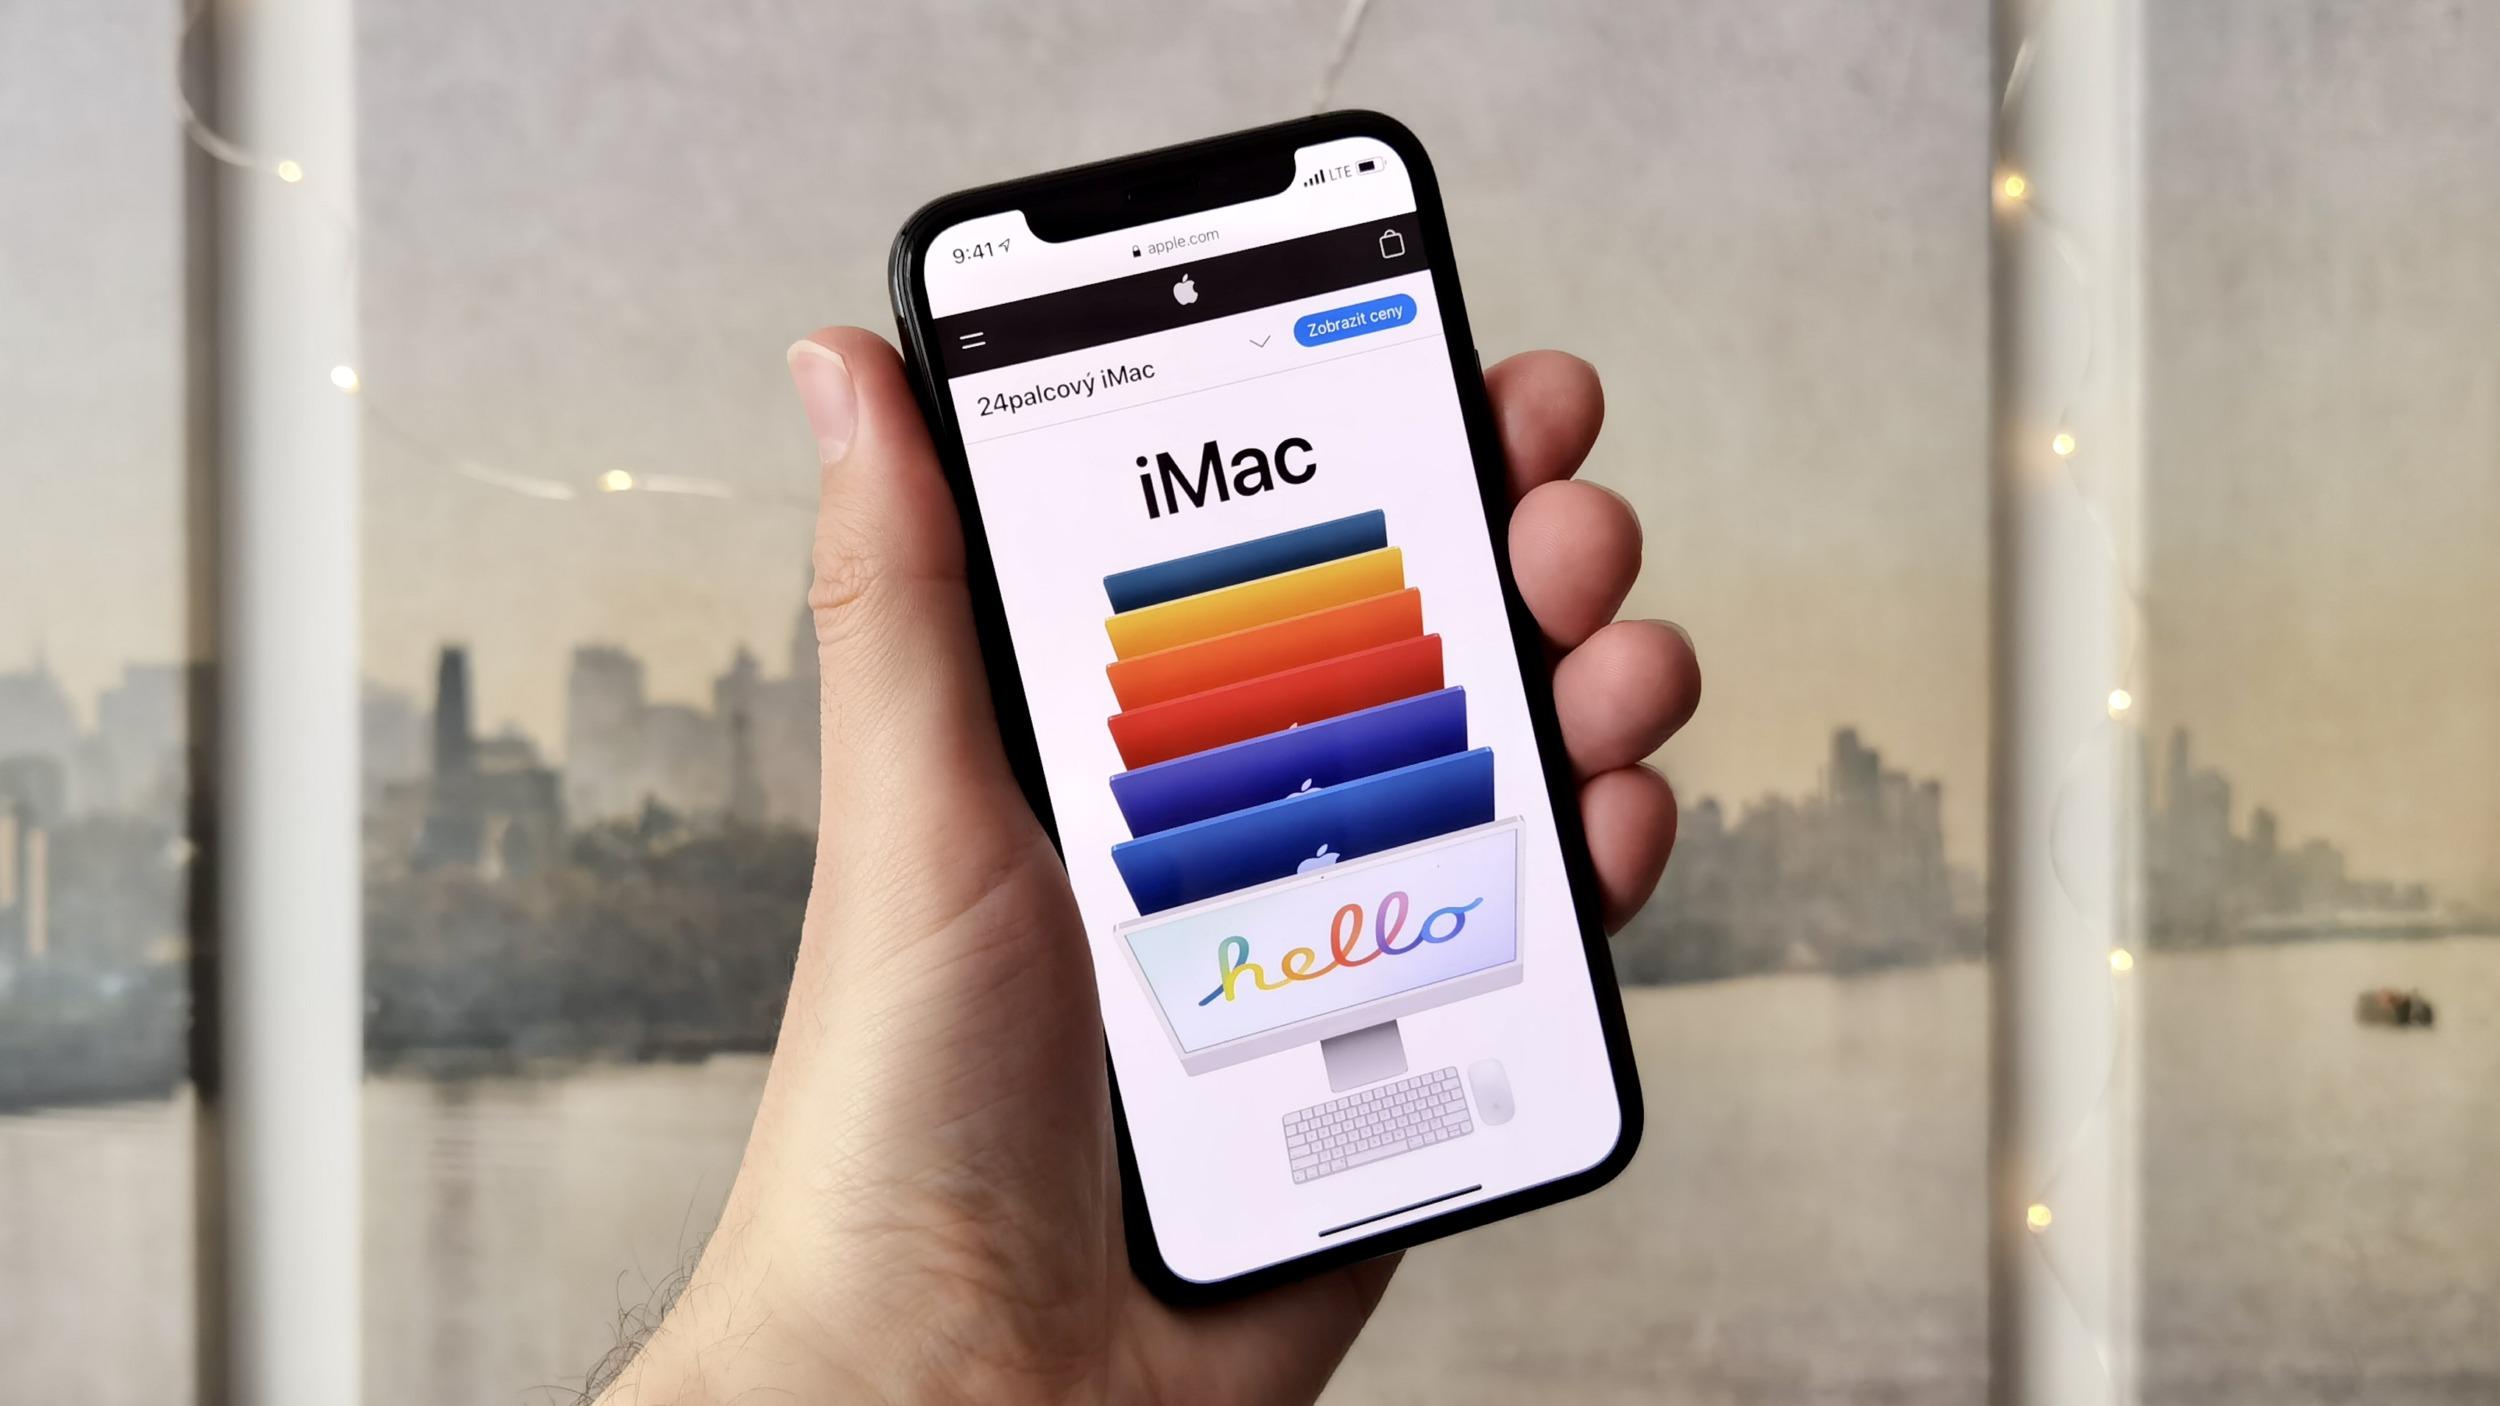 Apple představil produkty, které hrají nejen barvami. Proč se nám iMac nelíbí? – podcast #29